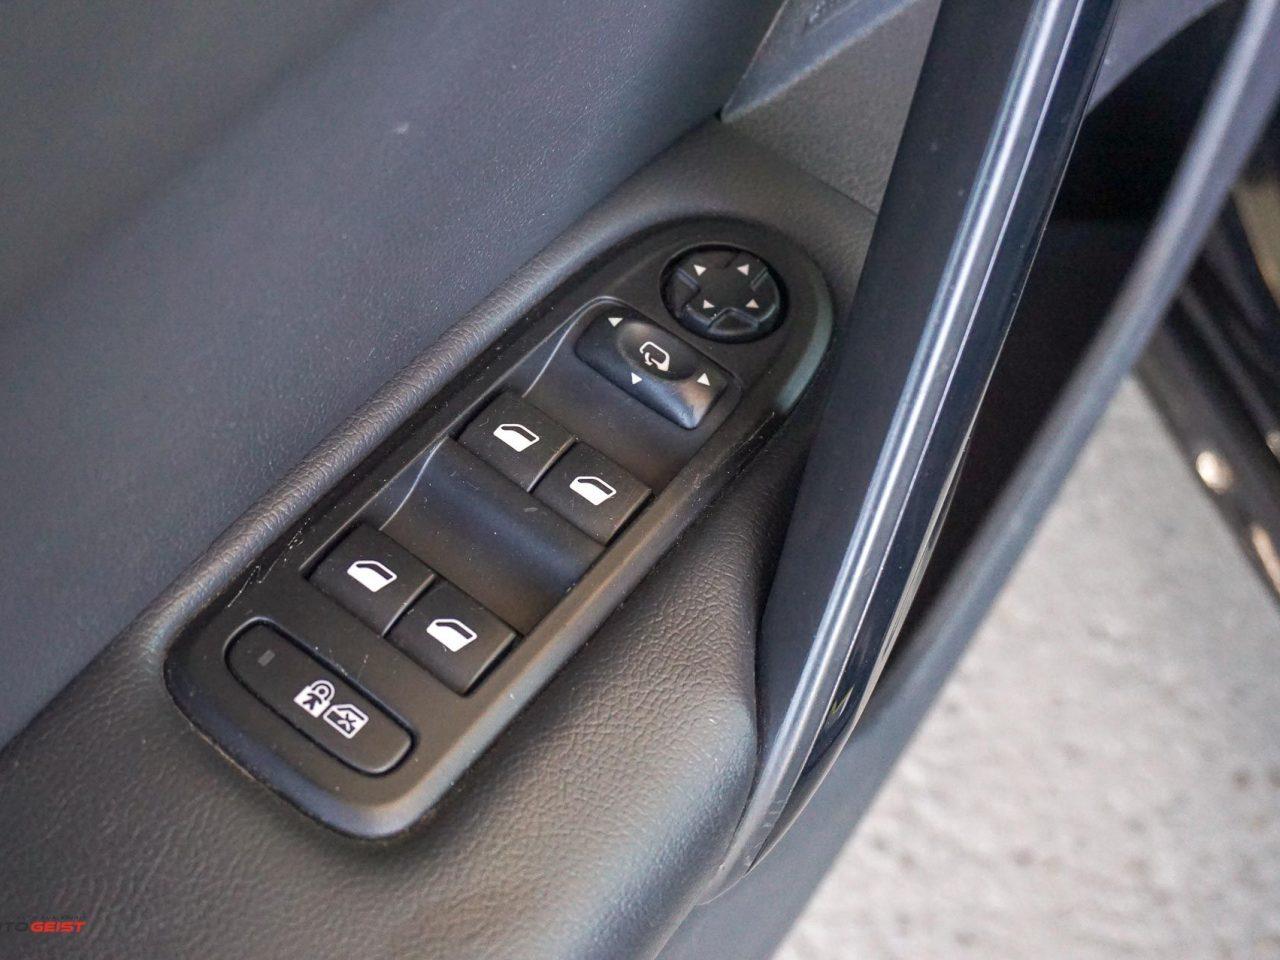 585-peugeot-508-sedan-negru-01741